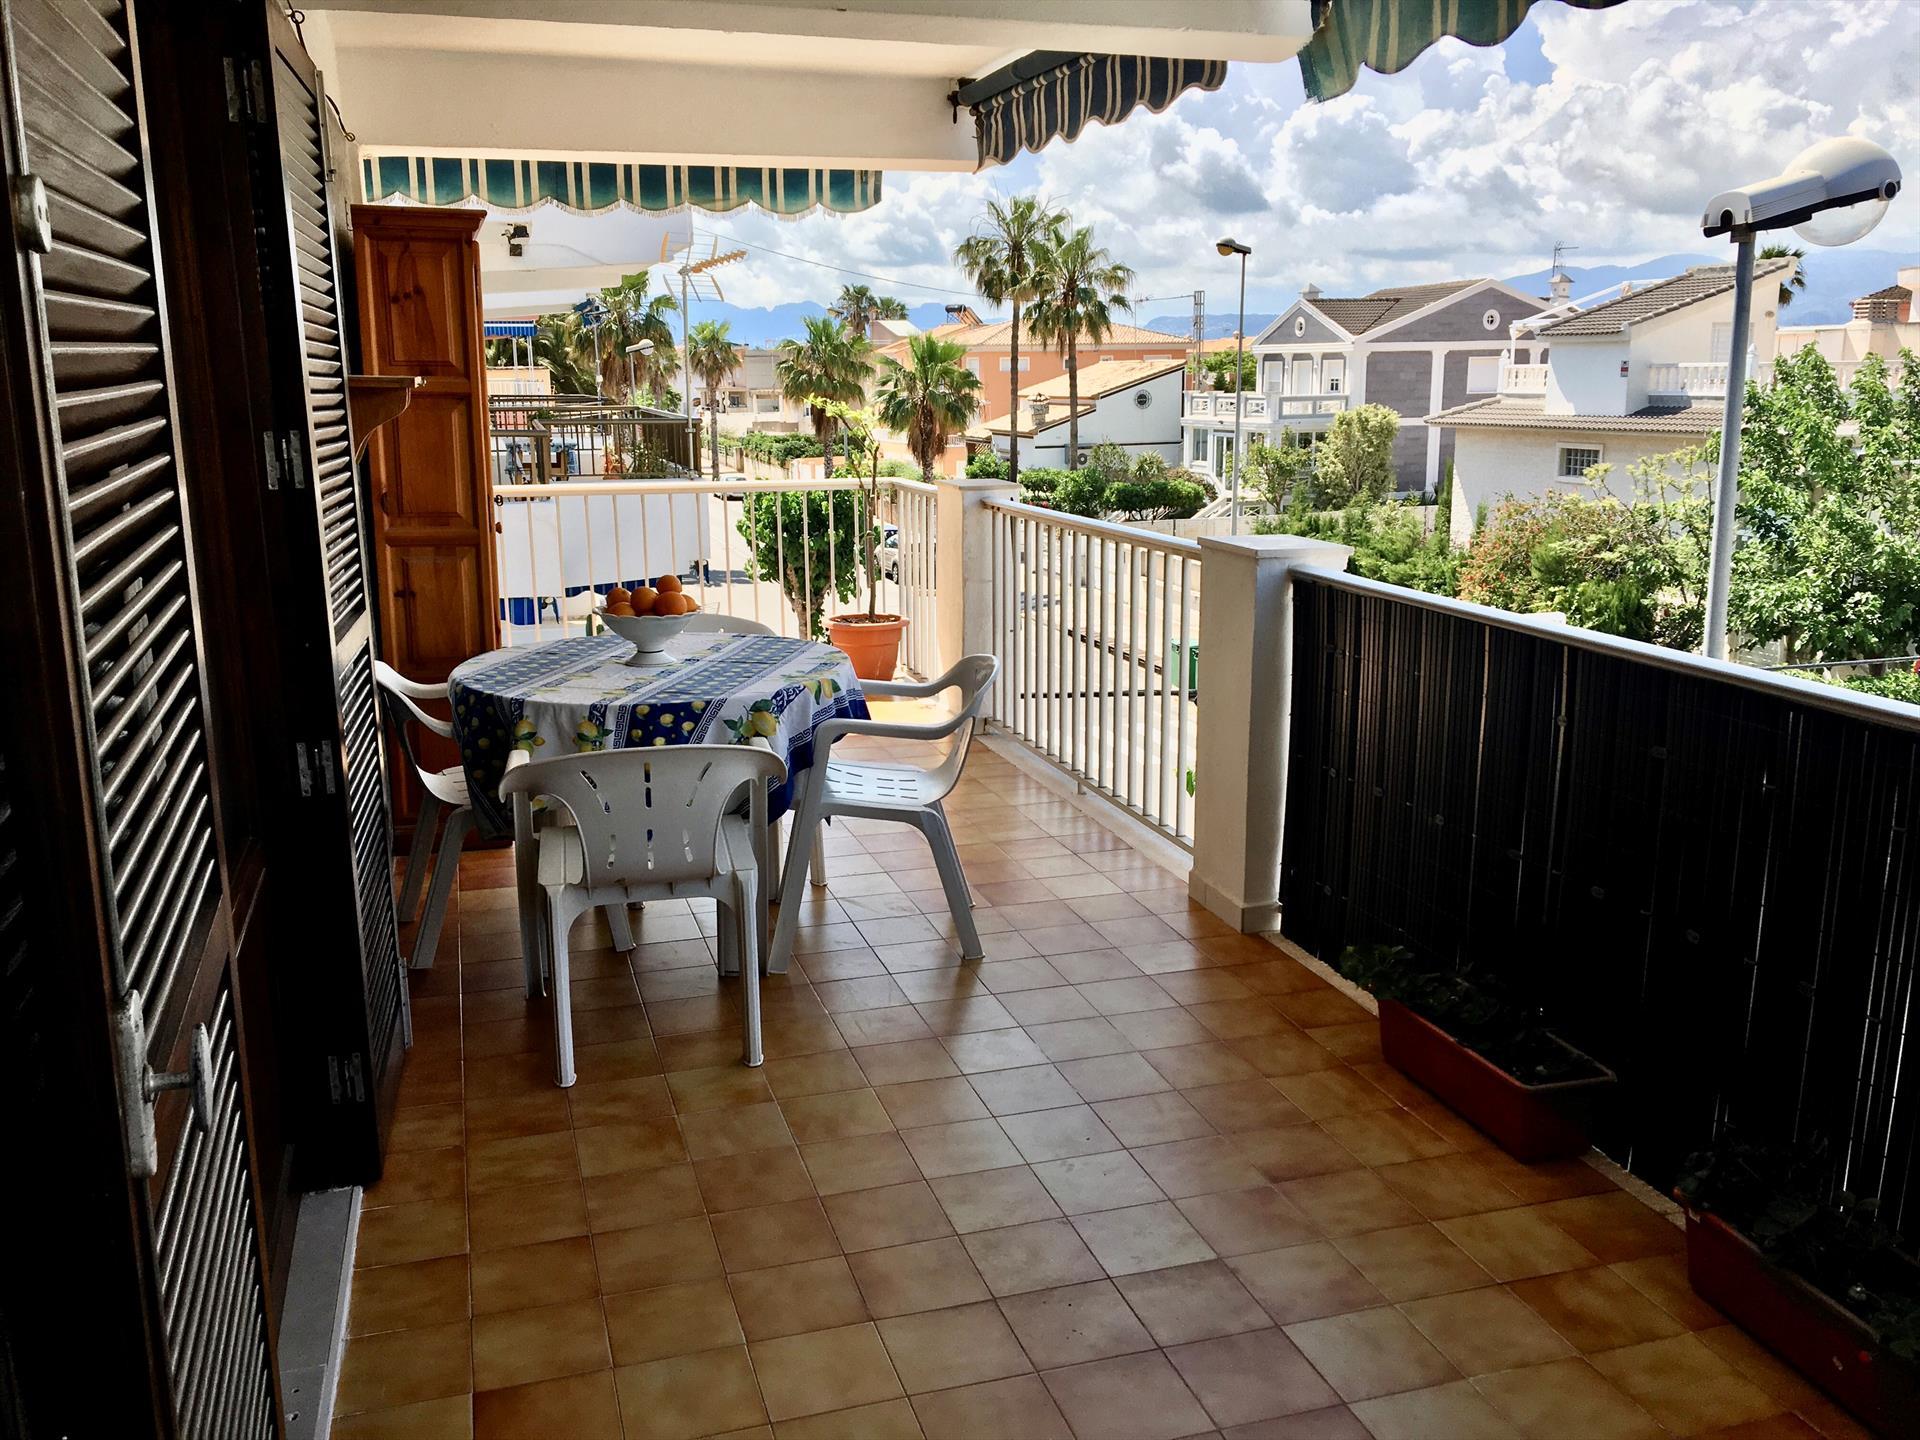 AP475 Via de Ronda Pau Pi,Appartement rustique et confortable à Oliva, sur la Costa Blanca, Espagne pour 5 personnes.....